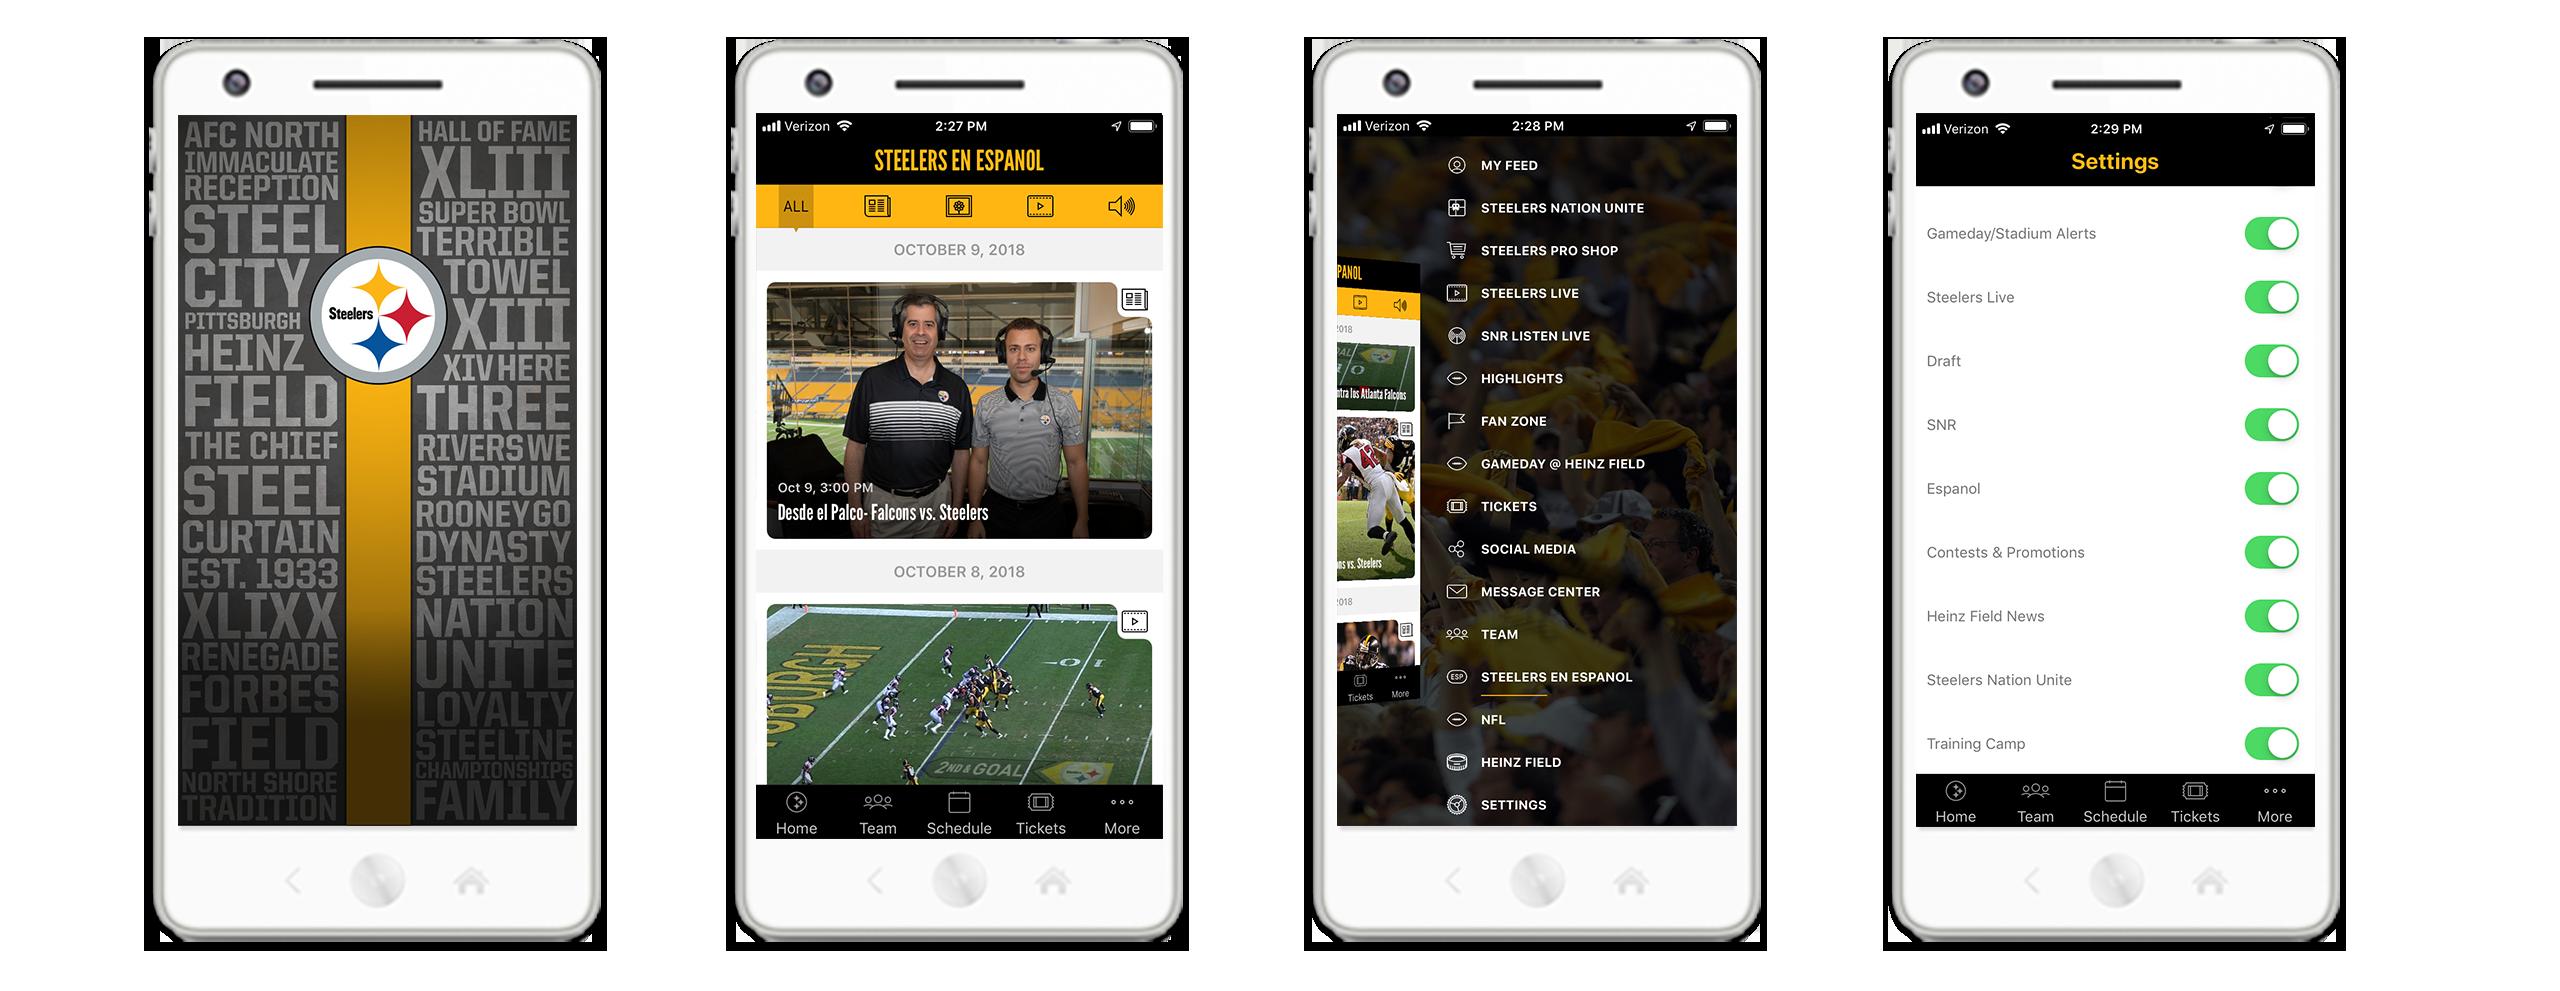 Todo el contenido en español también está disponible en la aplicación móvil oficial de Steelers.